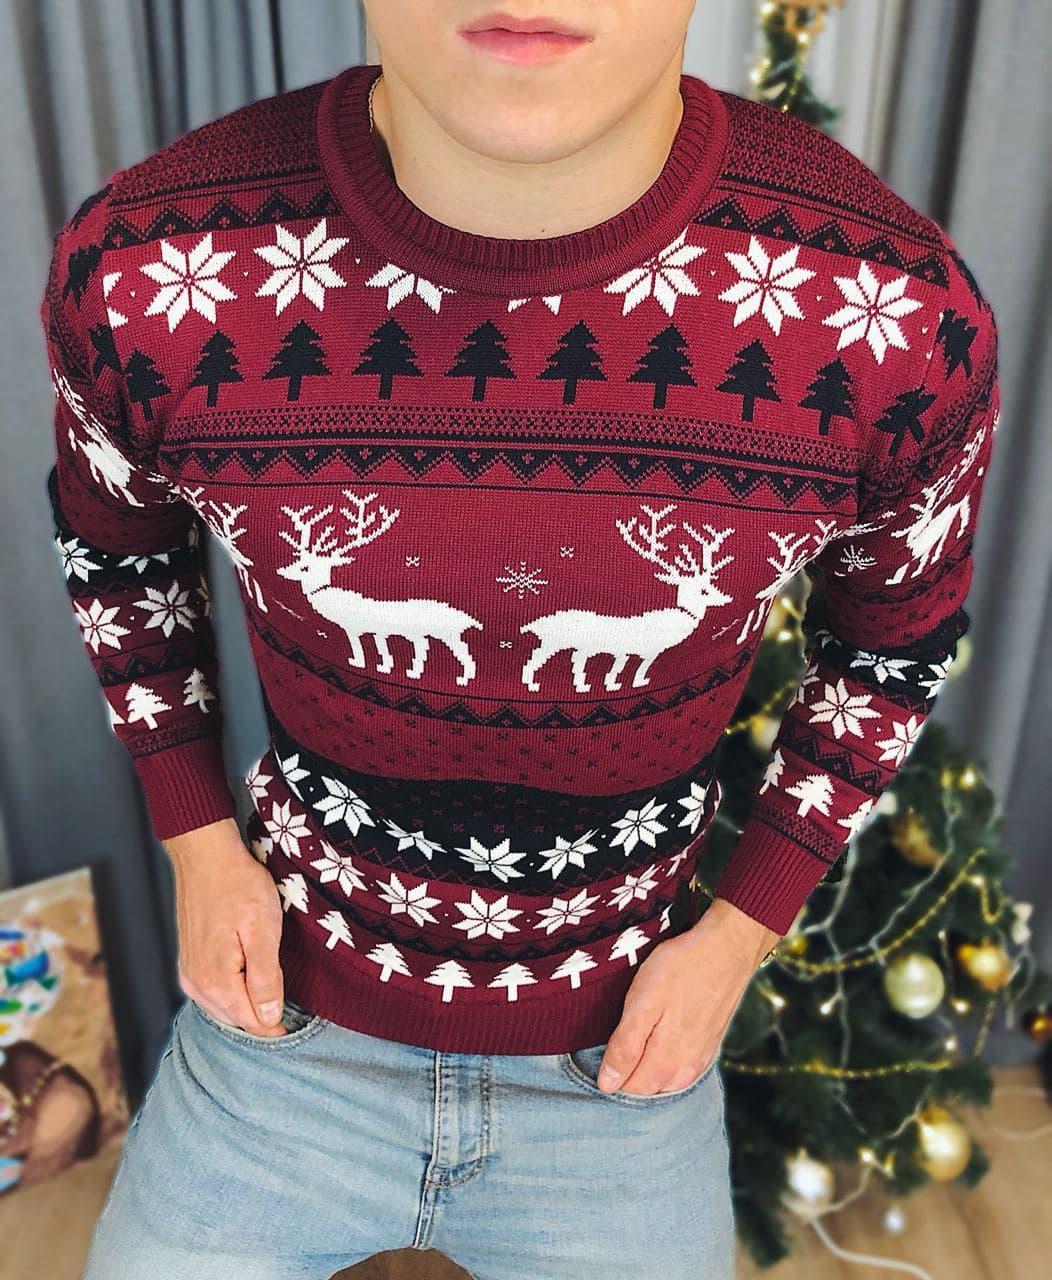 Мужской свитер с оленями и елками бордо